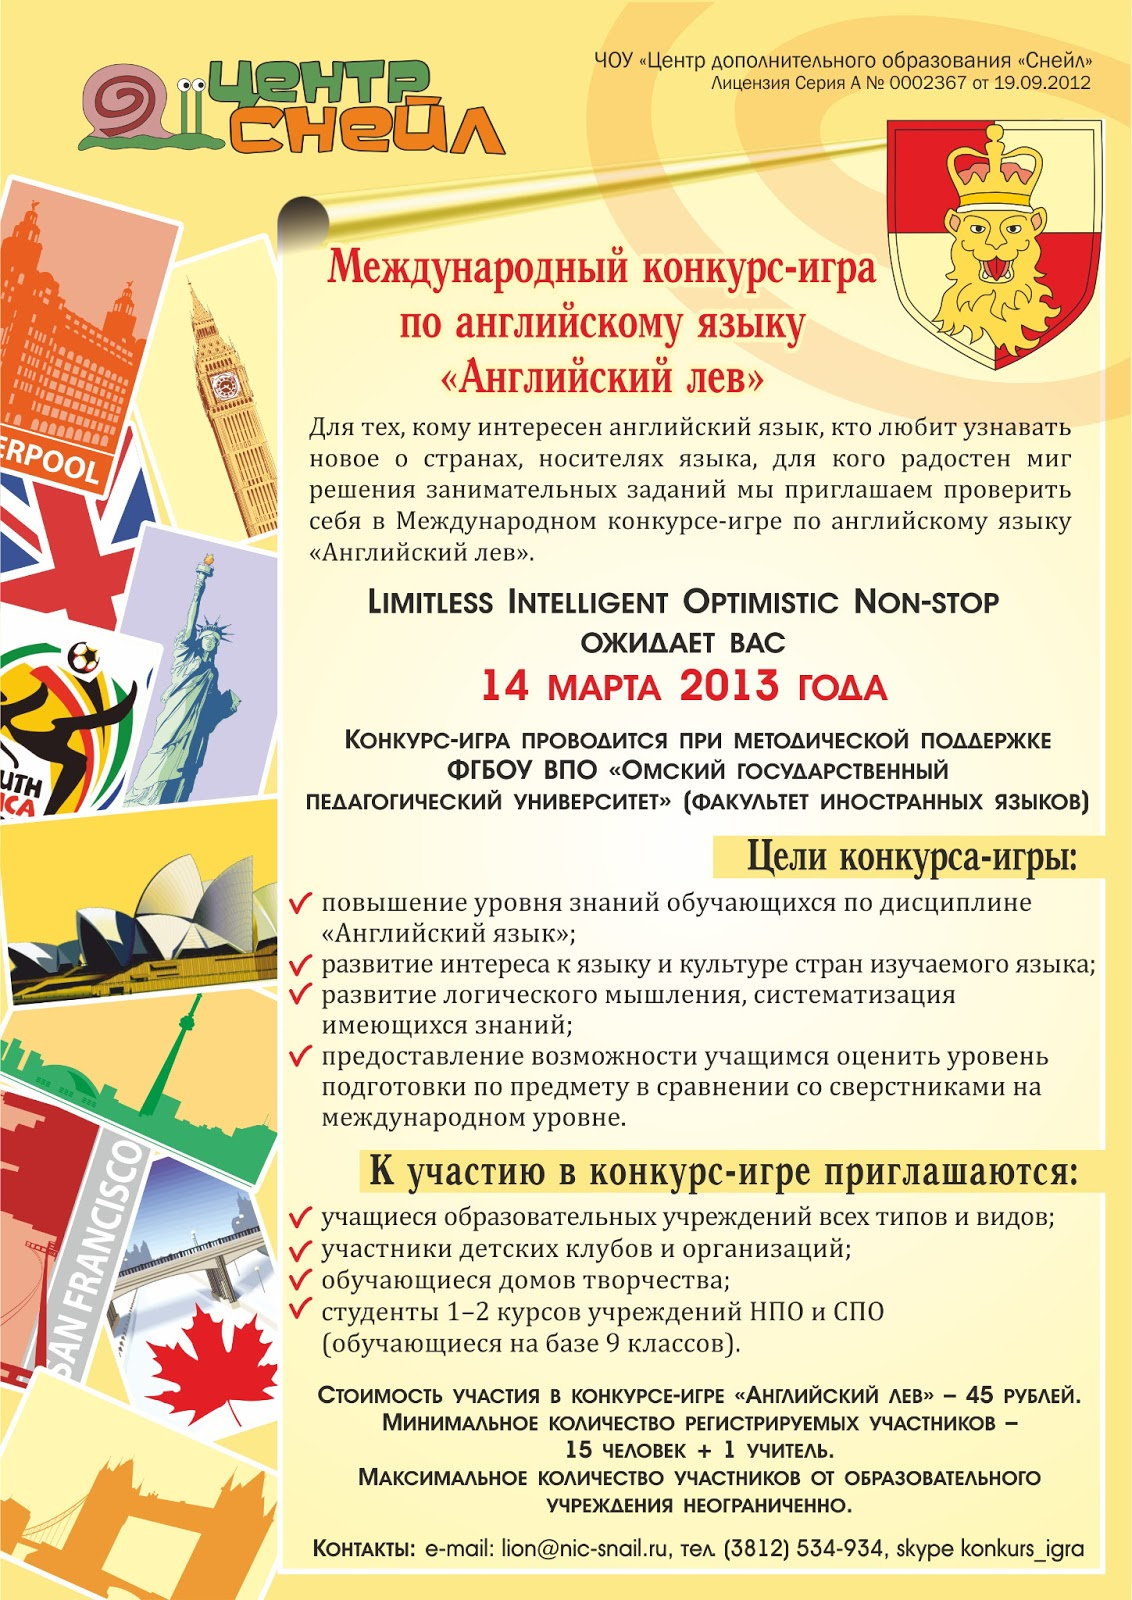 Конкурсы по английскому языку для школьников